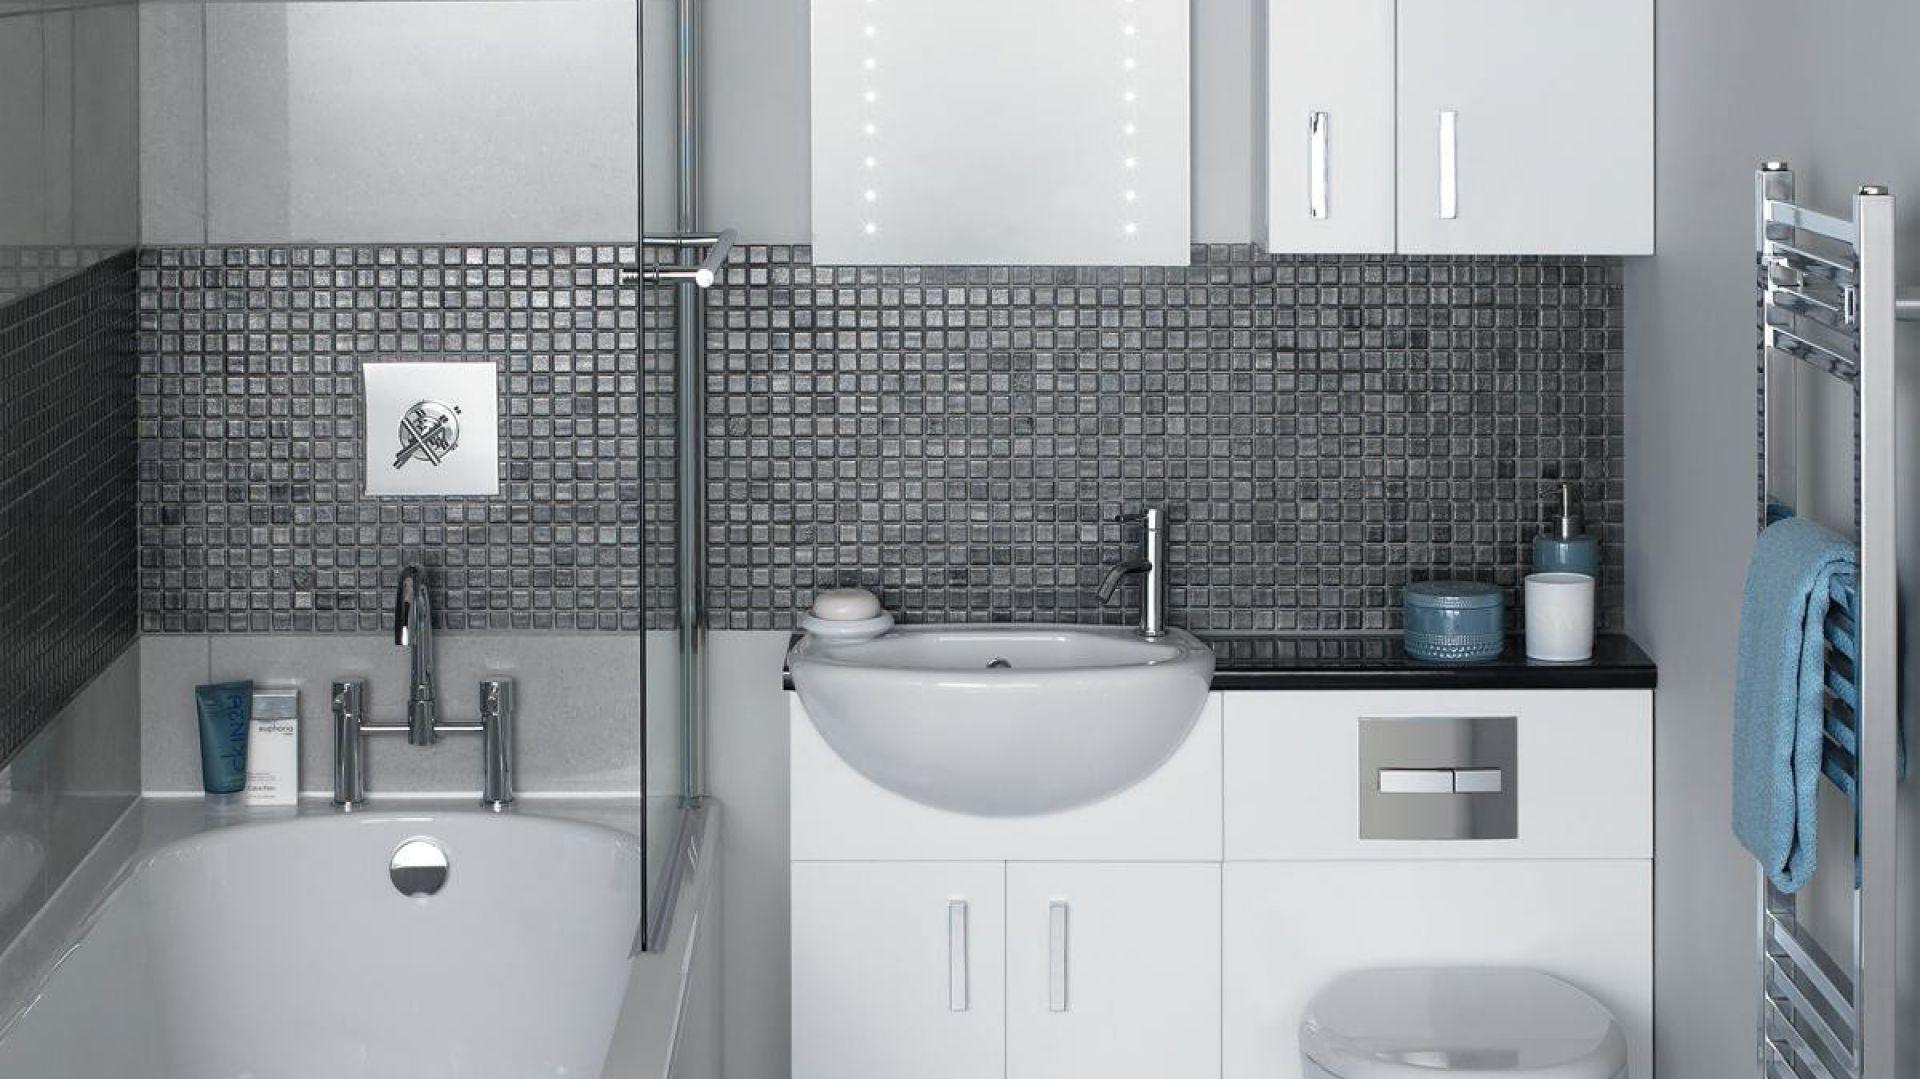 Wanna ze szklanym parawanem. Umywalkę i miskę ustępową zamontowano na stelażach tworząc jedną linię zabudowy z szafką podumywalkową. Fot. About Interior Design.